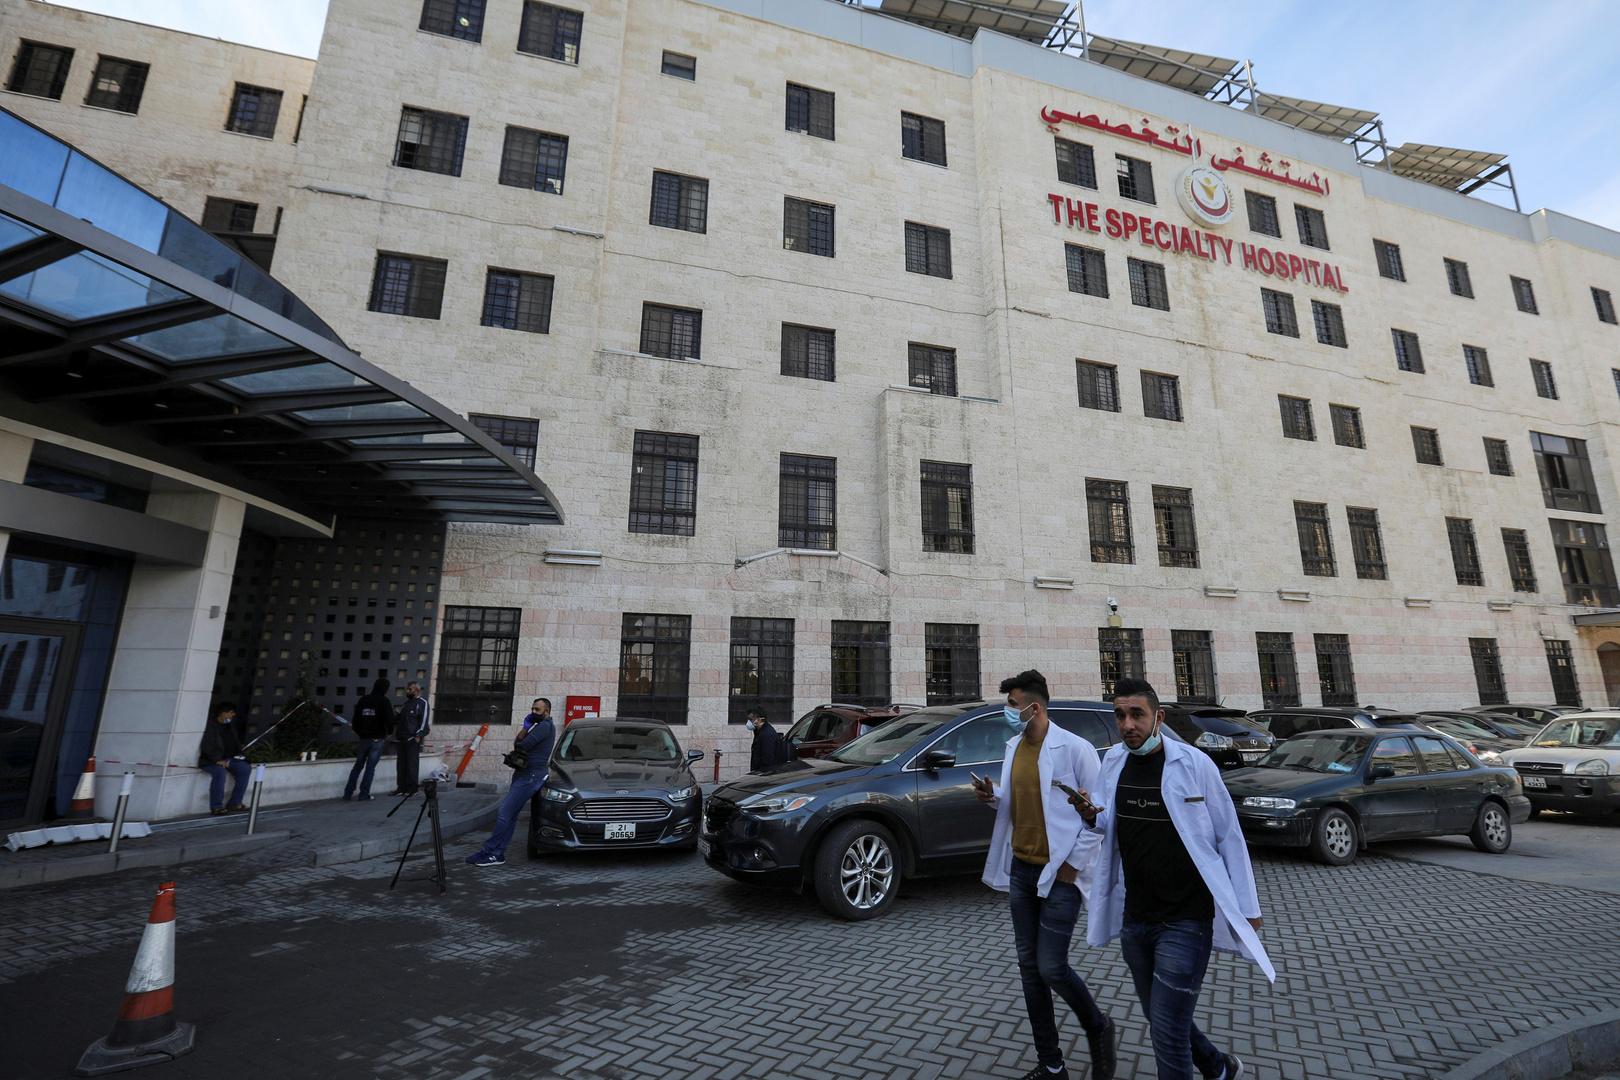 مسؤول صحي أردني يكشف عن حالة وسبب إصابة مواطن بالتأتأة بعد أخذه جرعتي كورونا مختلفتين